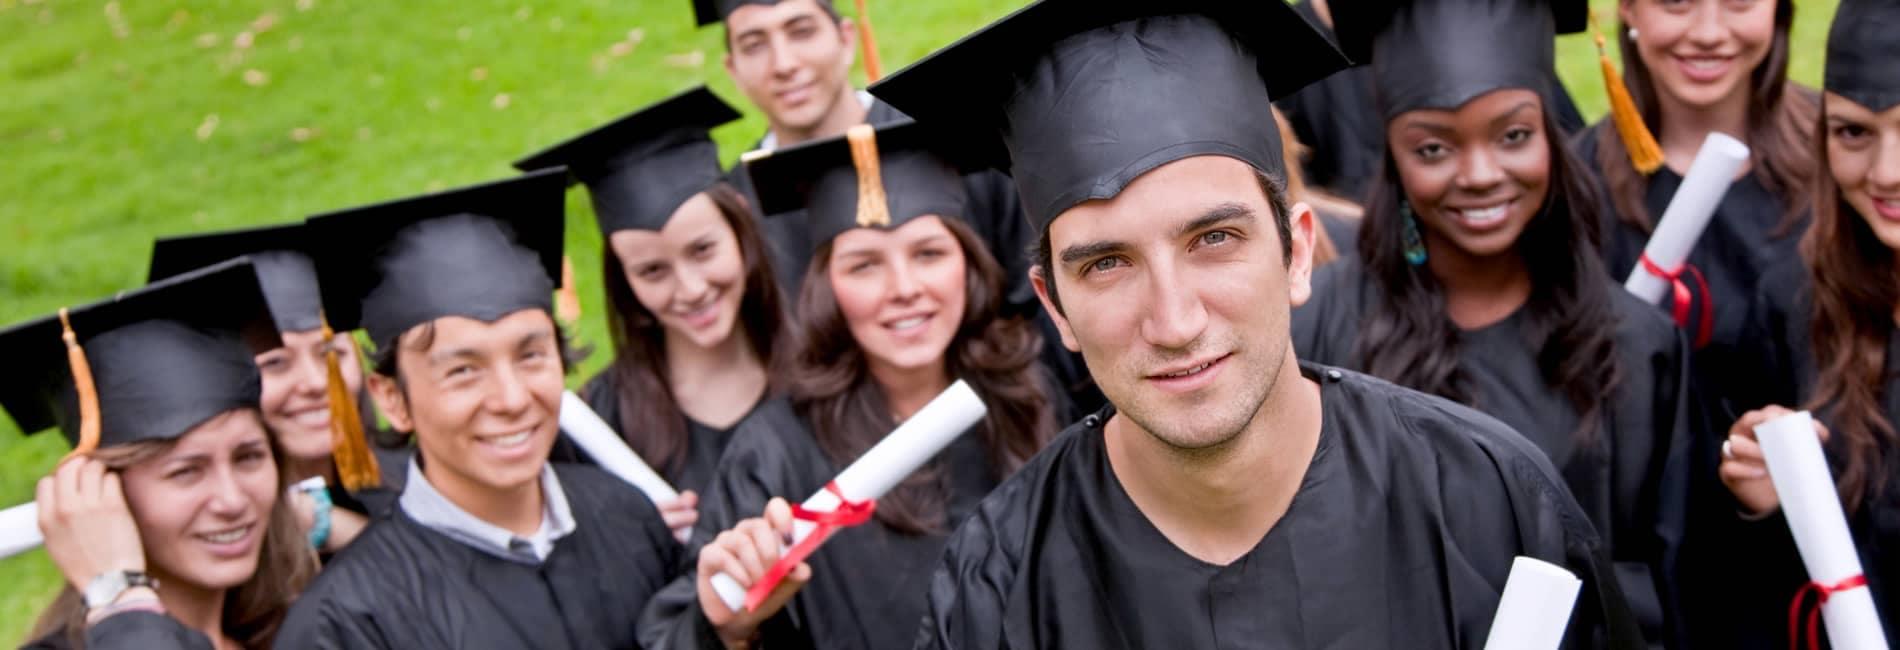 College Graduates Banner